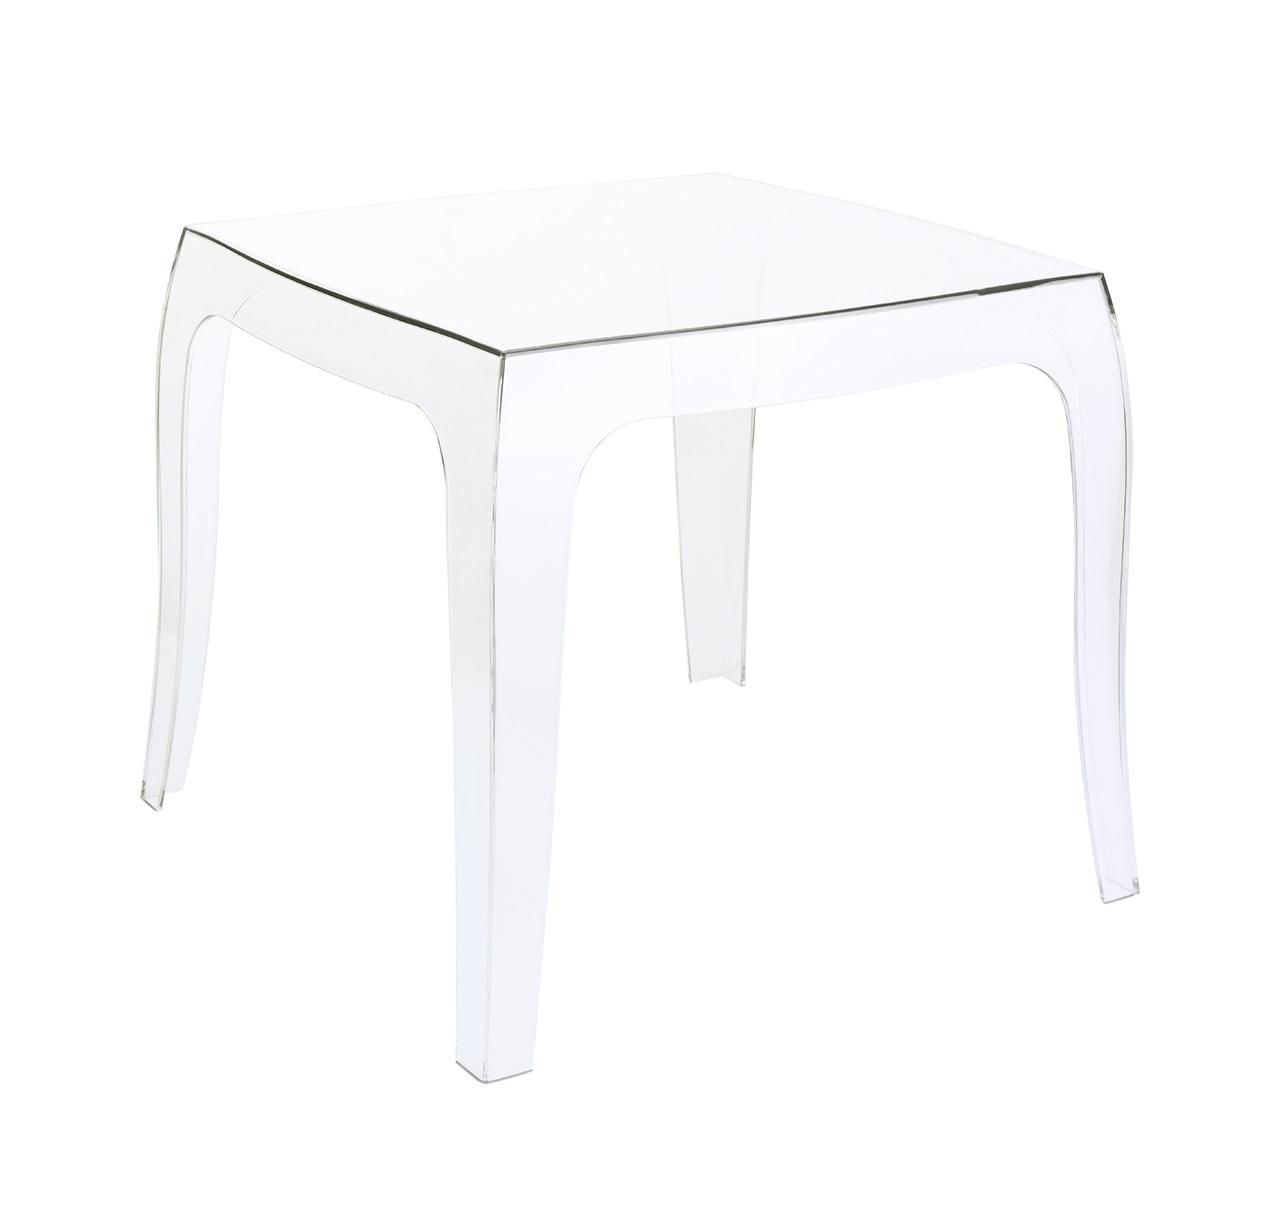 Location de table basse transparente polycarbonate en Ile de France